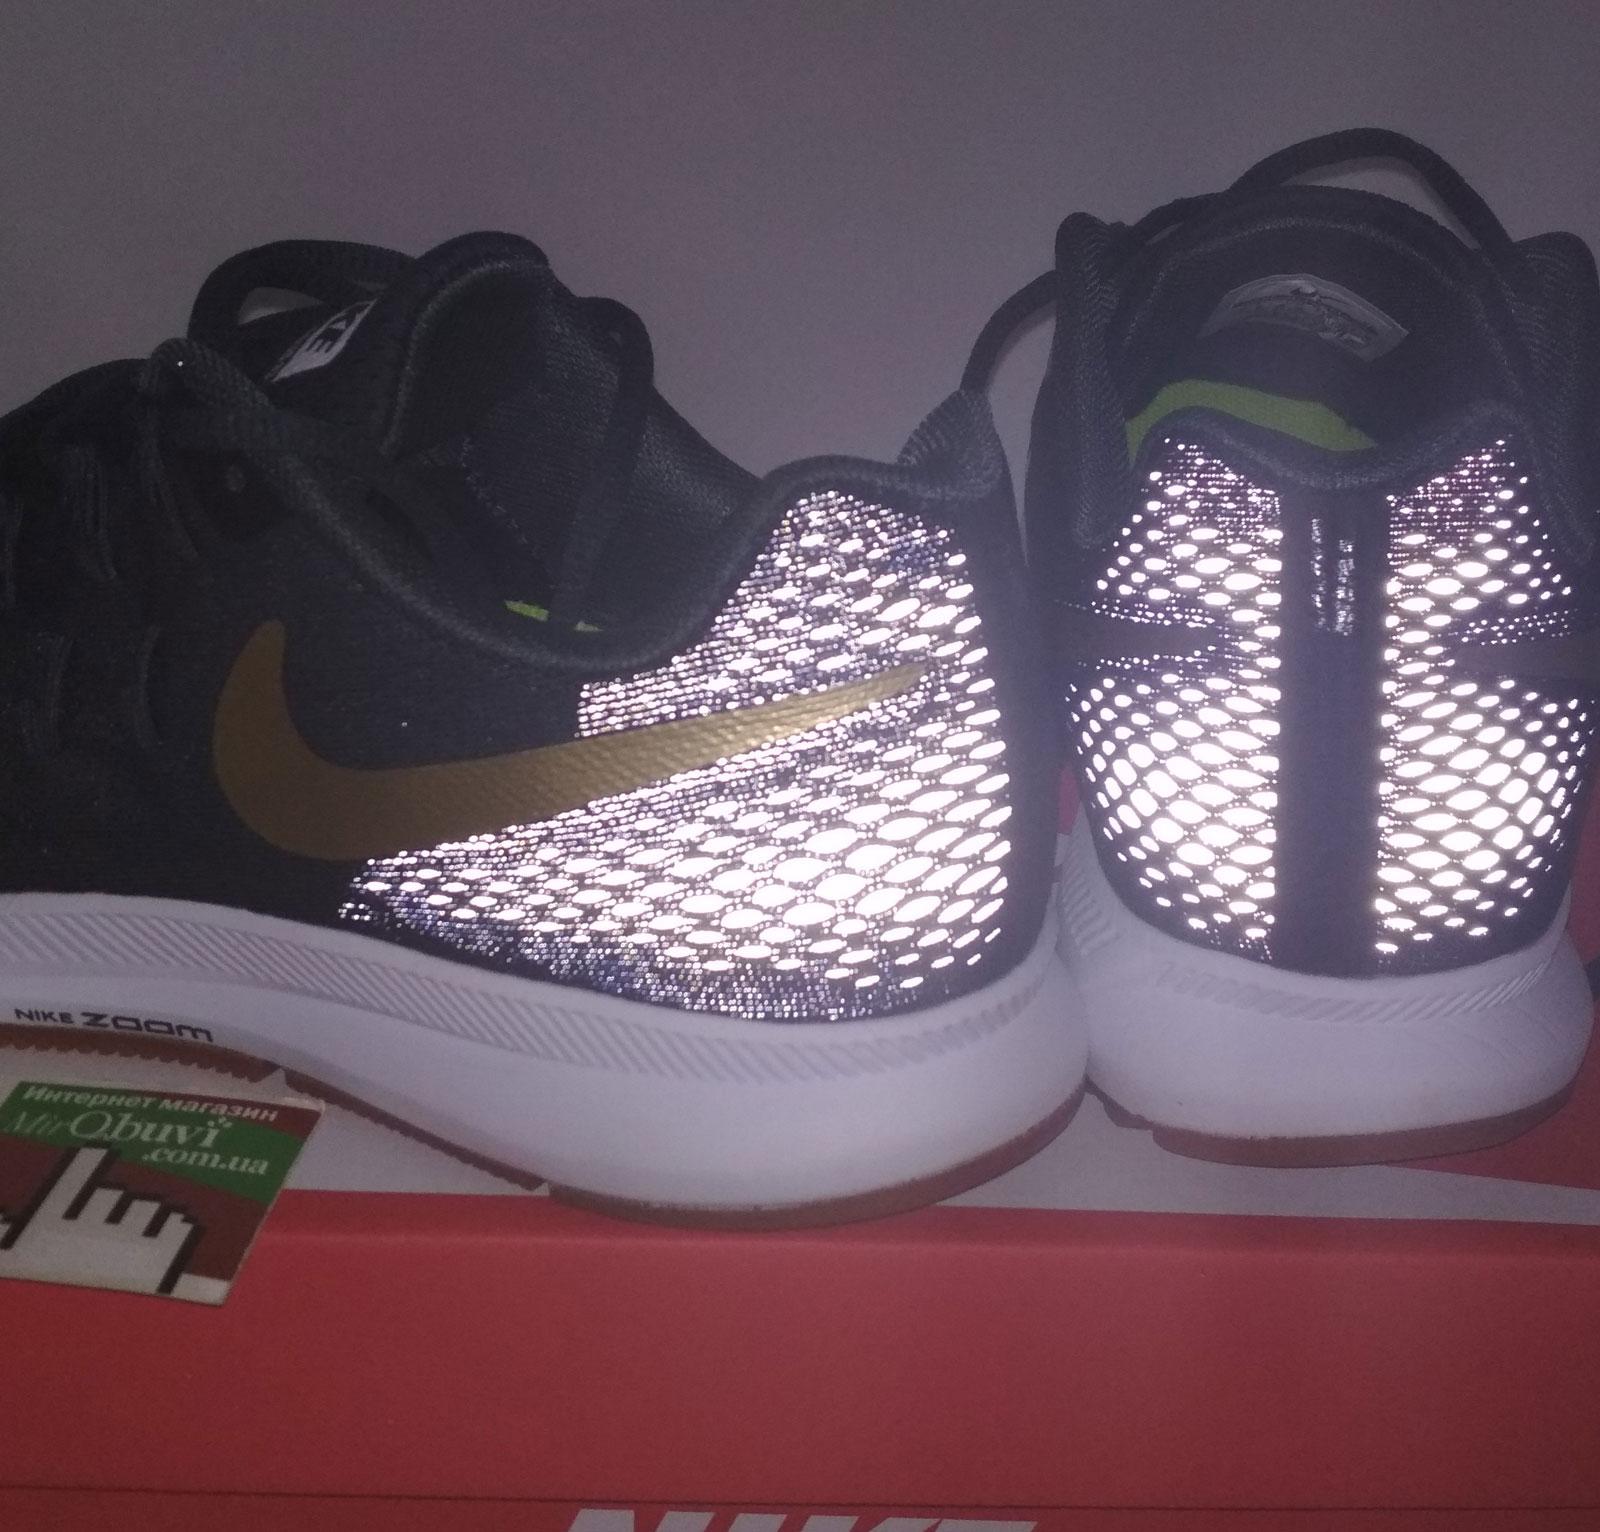 большое фото №6 Мужские кроссовки для бега Nike Zoom Pegasus 33 пепельный с коричневым. Топ качество!